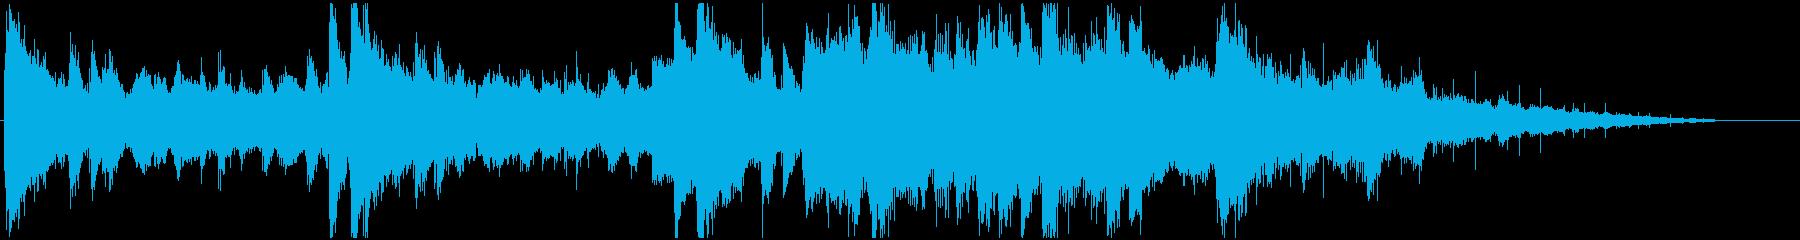 ピアノとアンビエントサウンドの再生済みの波形